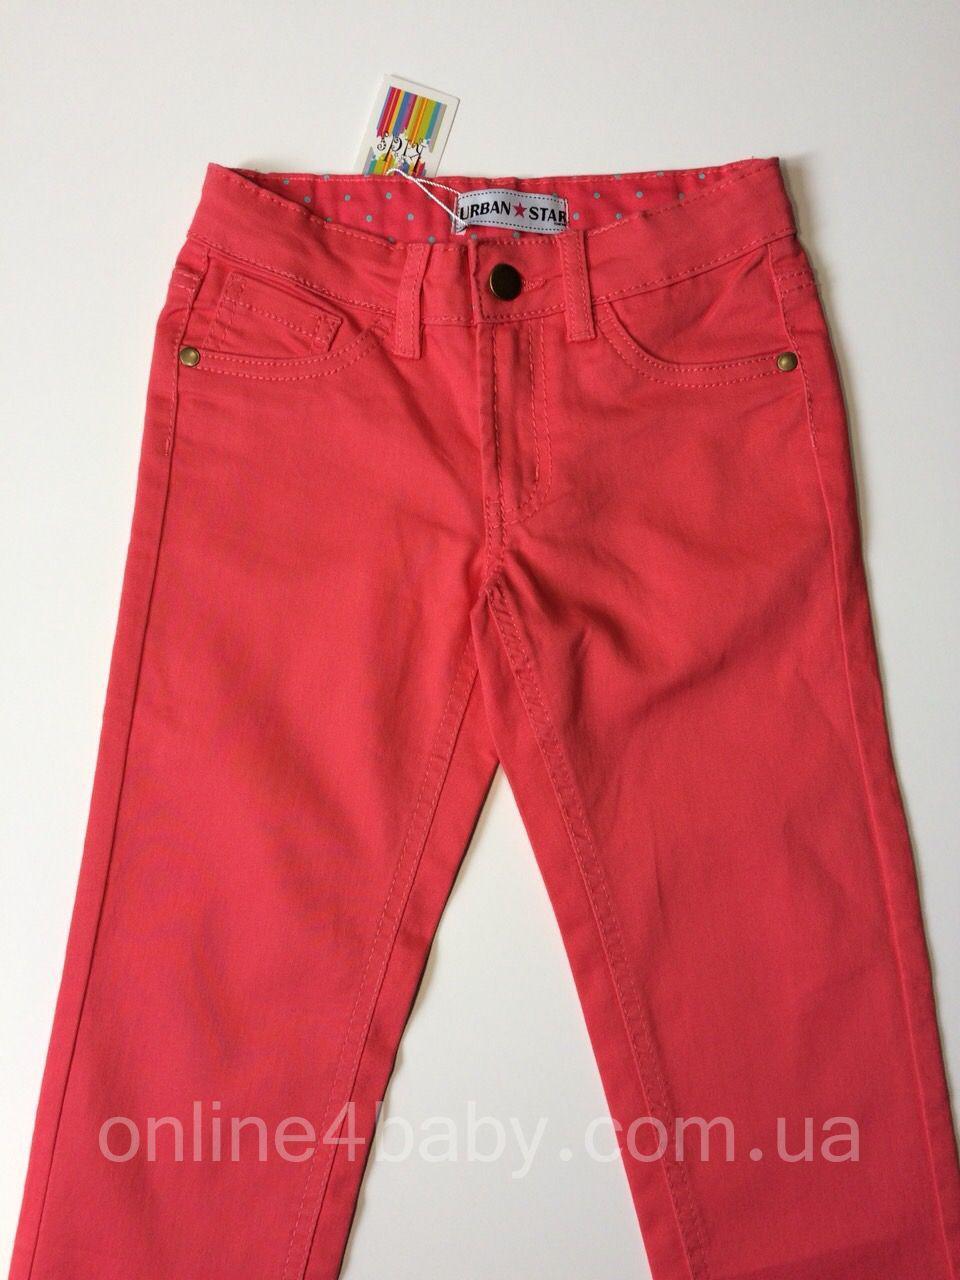 Стрейчеві джинси дитячі Urban Star на дівчинку 7 років, зріст 128